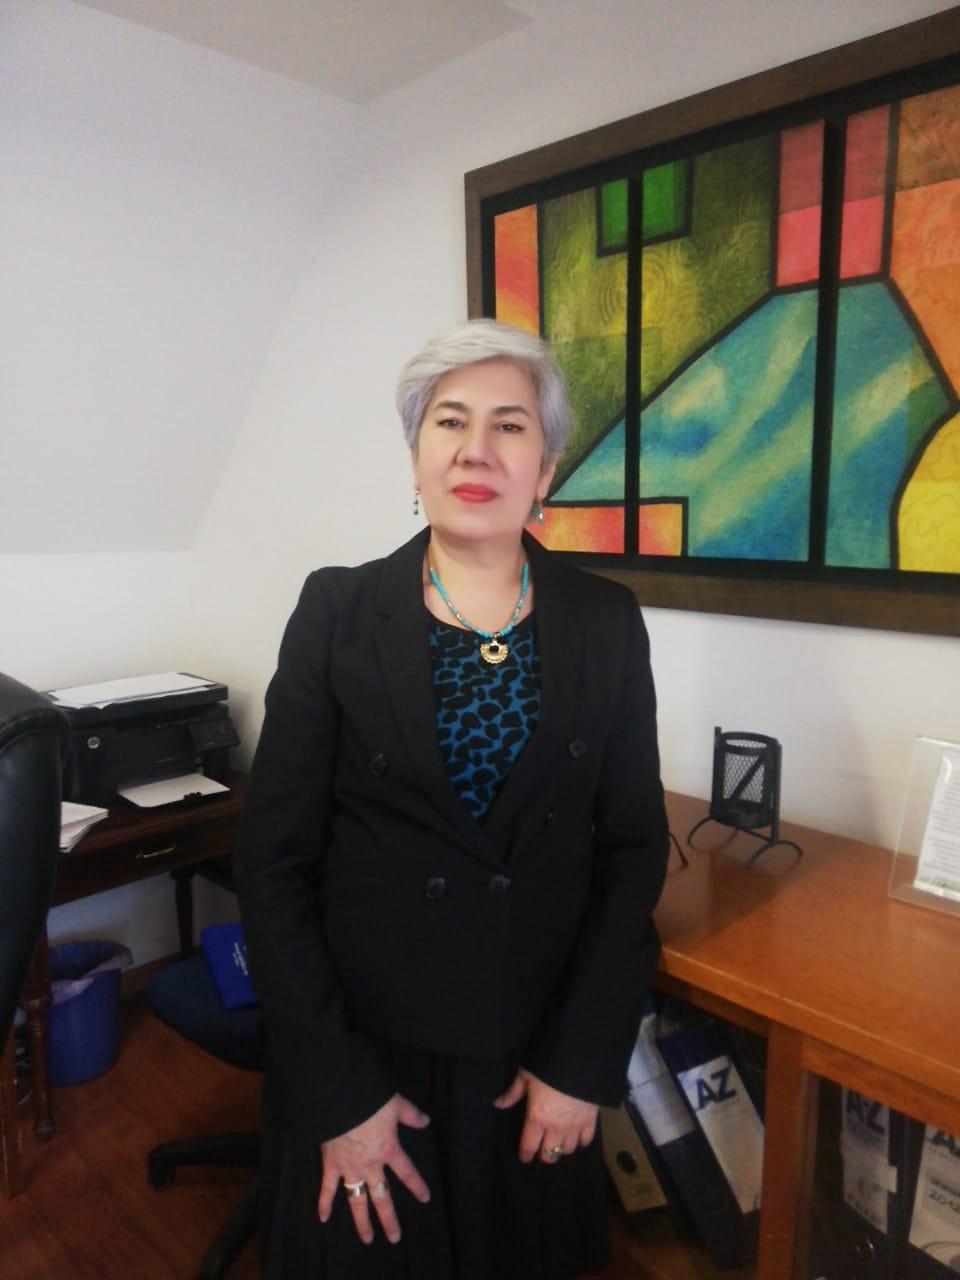 Dra OLIVA CASTILLO CHAVARRO